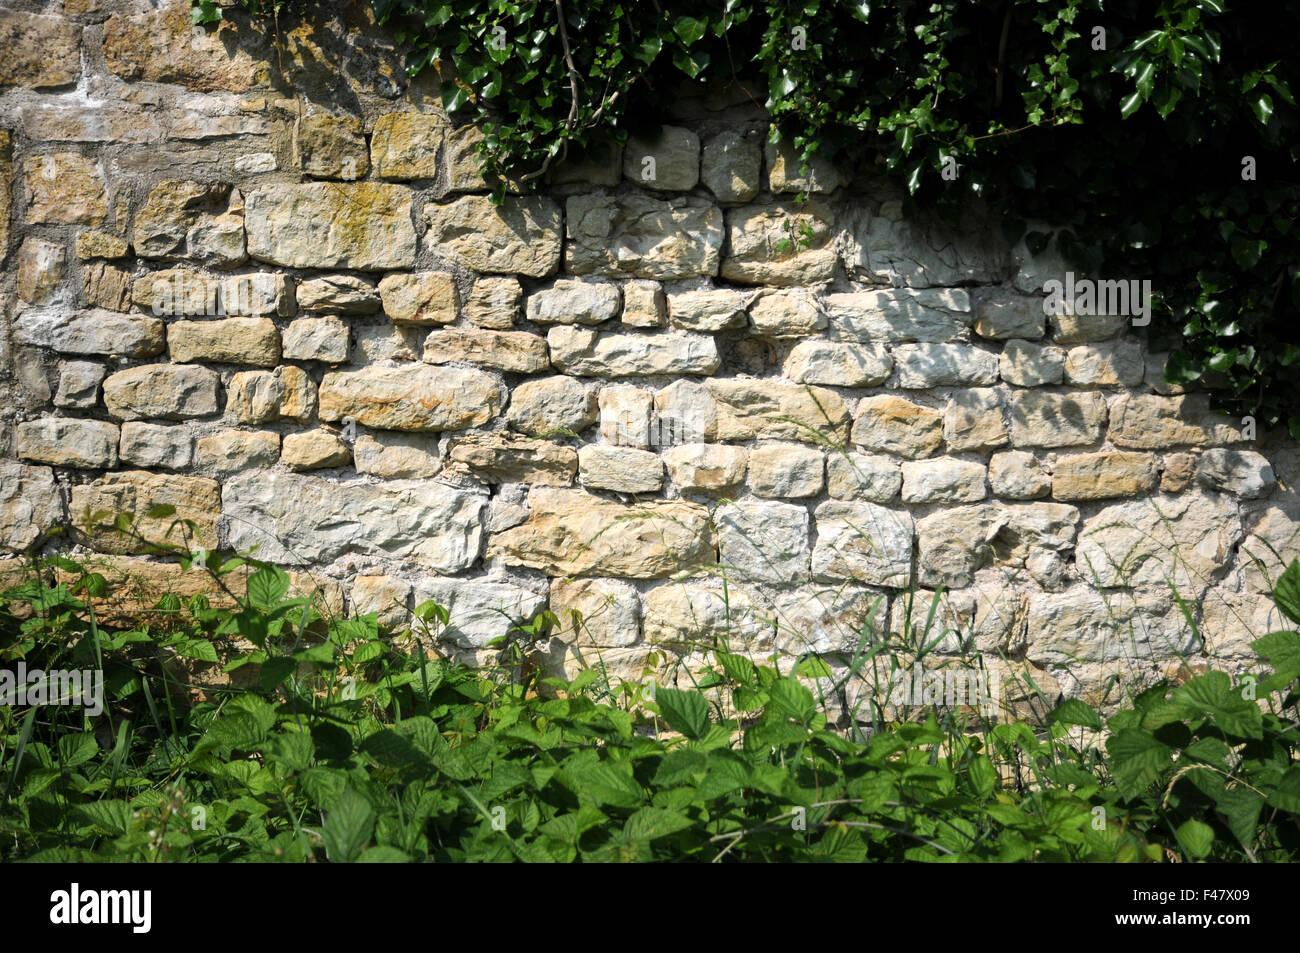 natursteinmauern stockfotos natursteinmauern bilder alamy. Black Bedroom Furniture Sets. Home Design Ideas